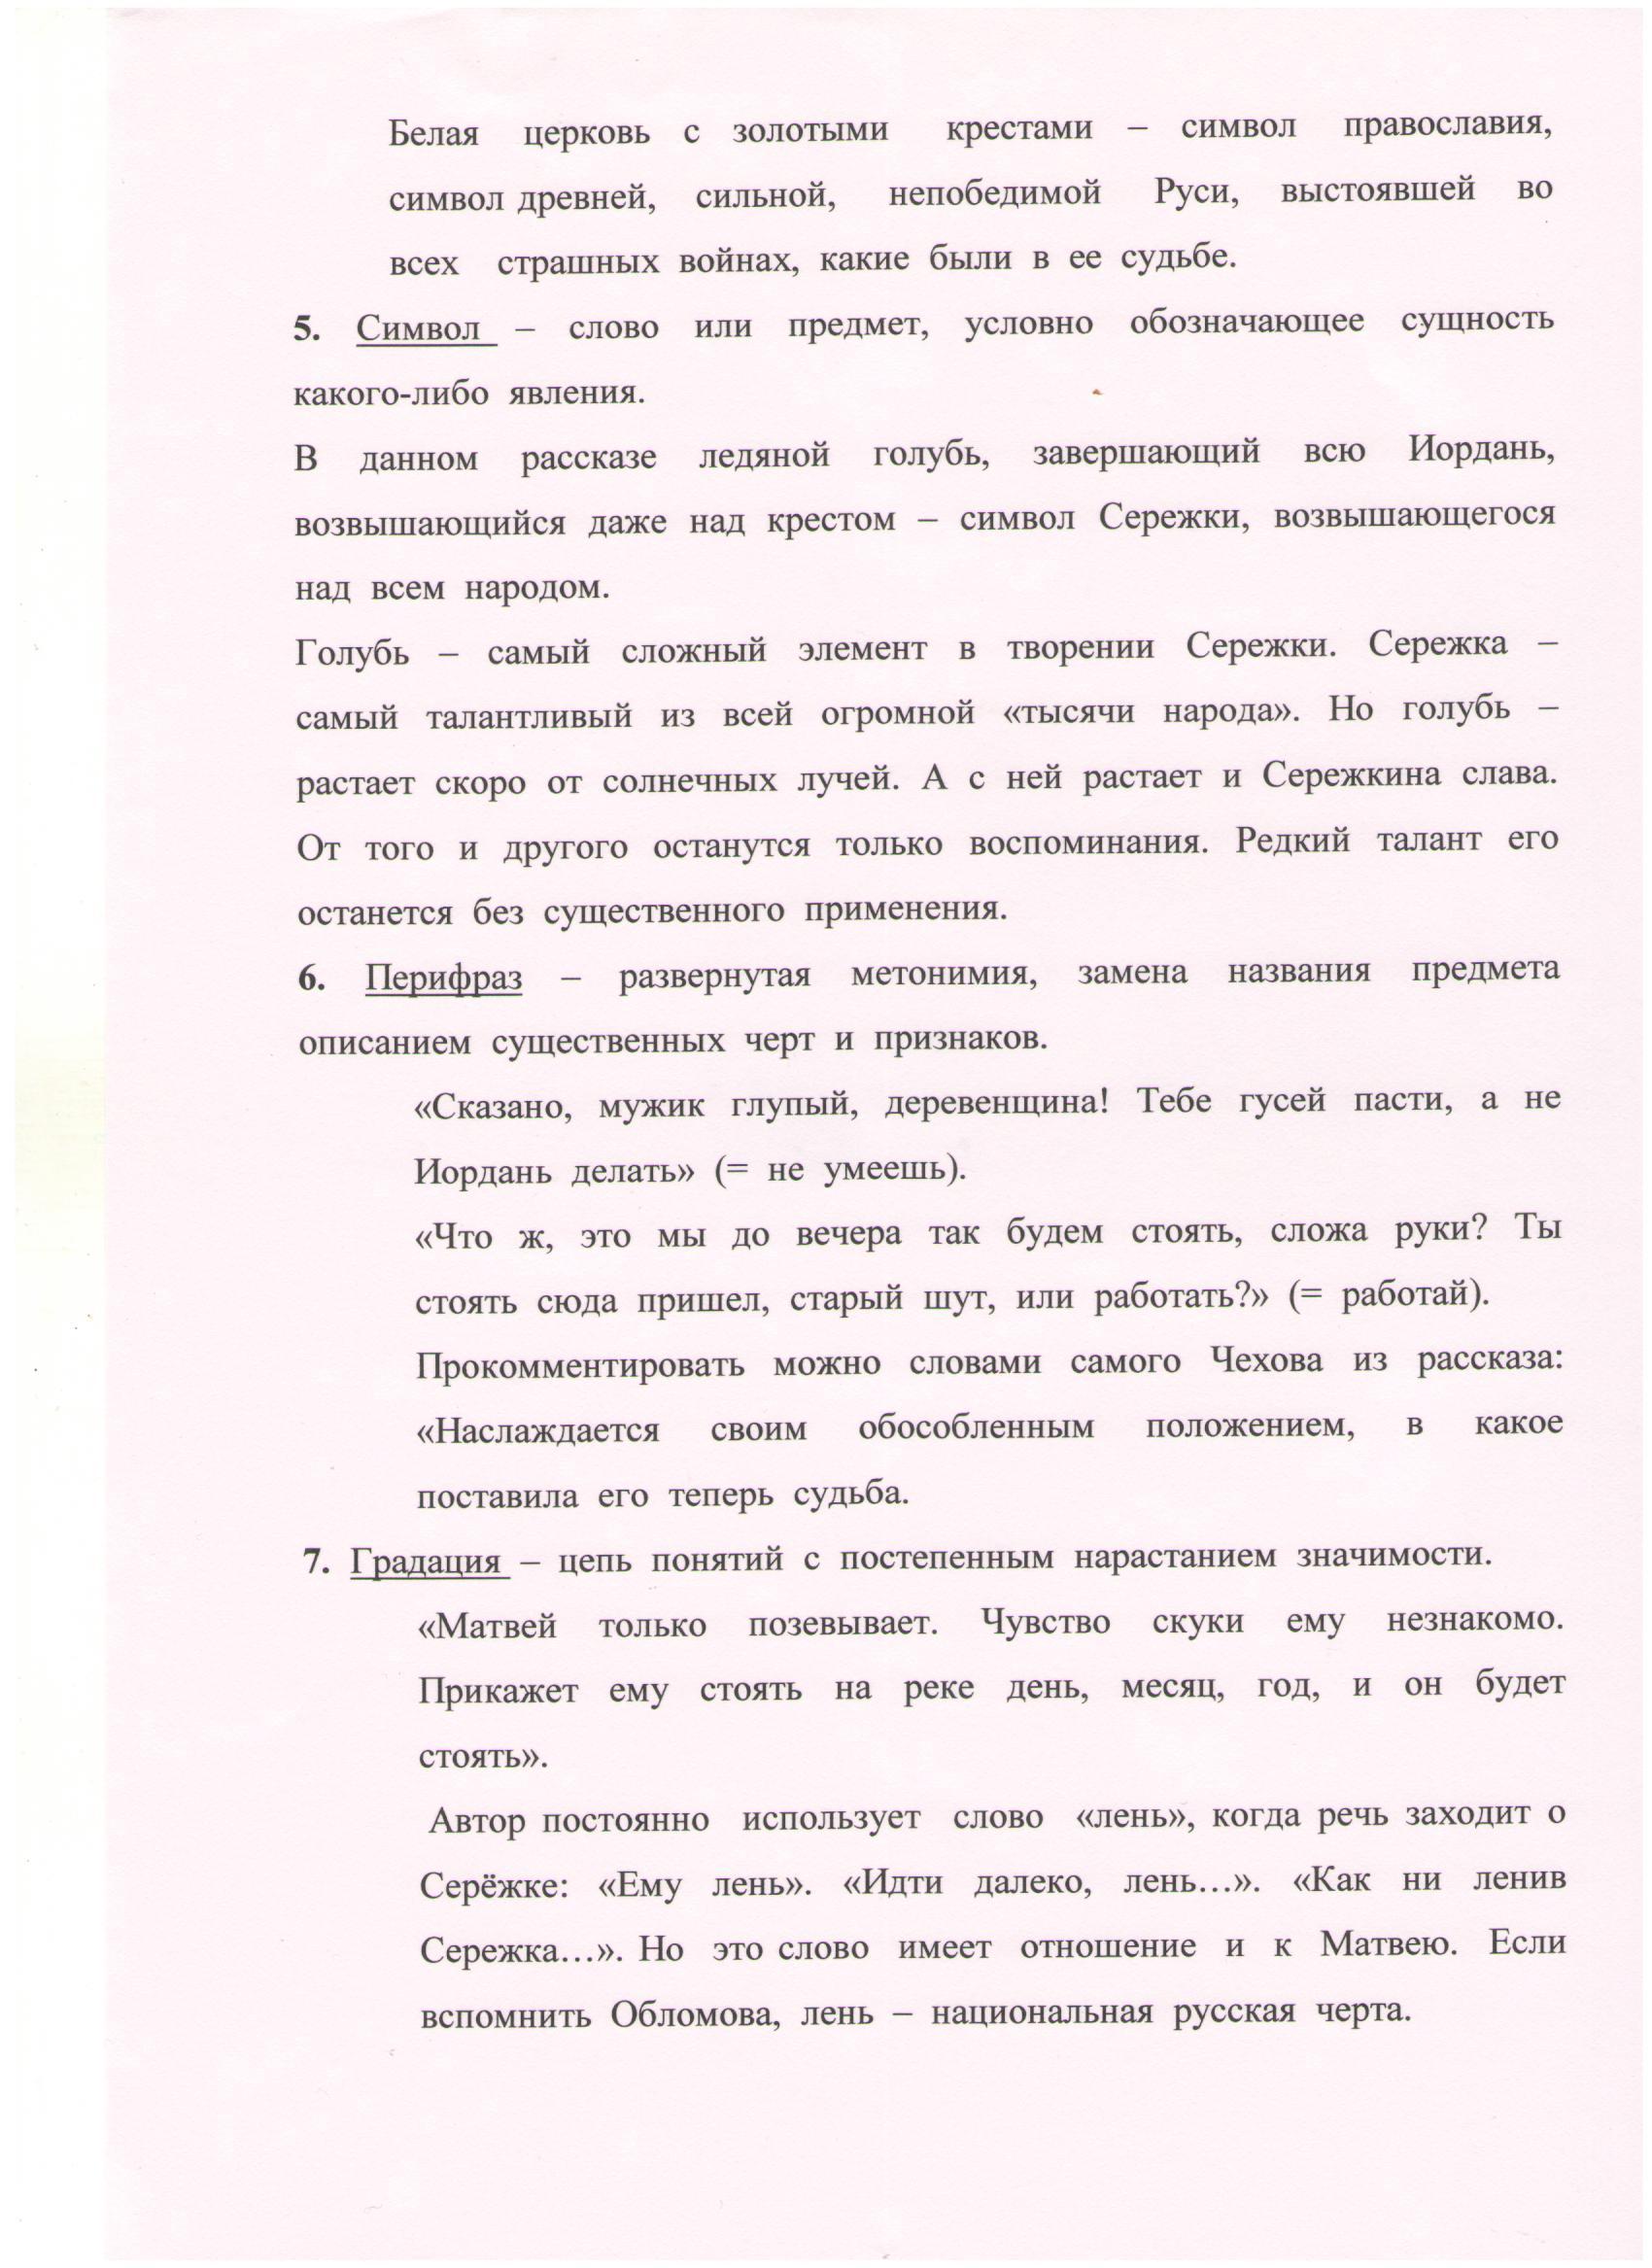 C:\Documents and Settings\Учитель\Рабочий стол\Новая папка\Работа Светы 20.jpg